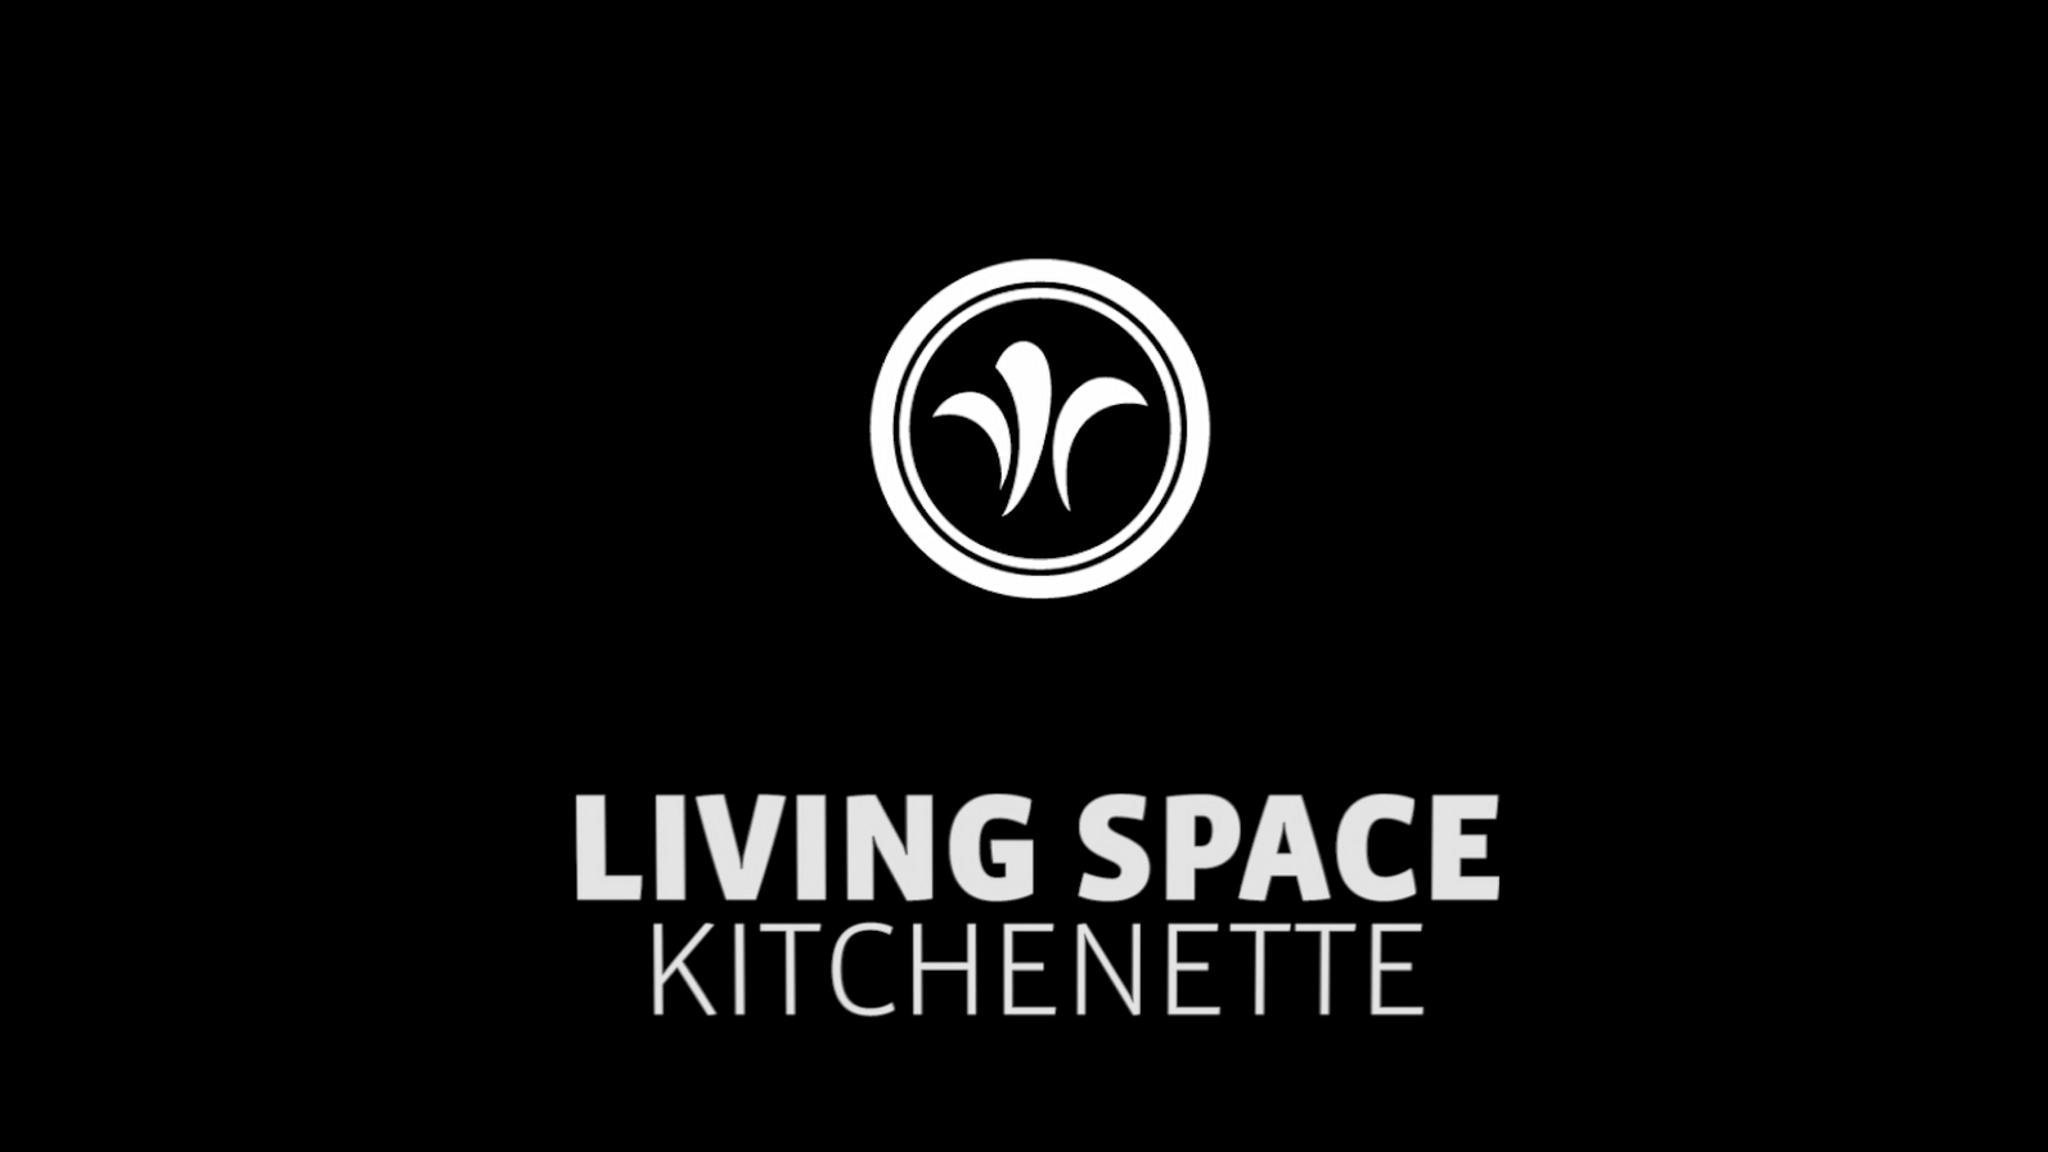 motorhome kitchen // niesmann+bischoff - camper (model ARTO) // 2019 // WO5